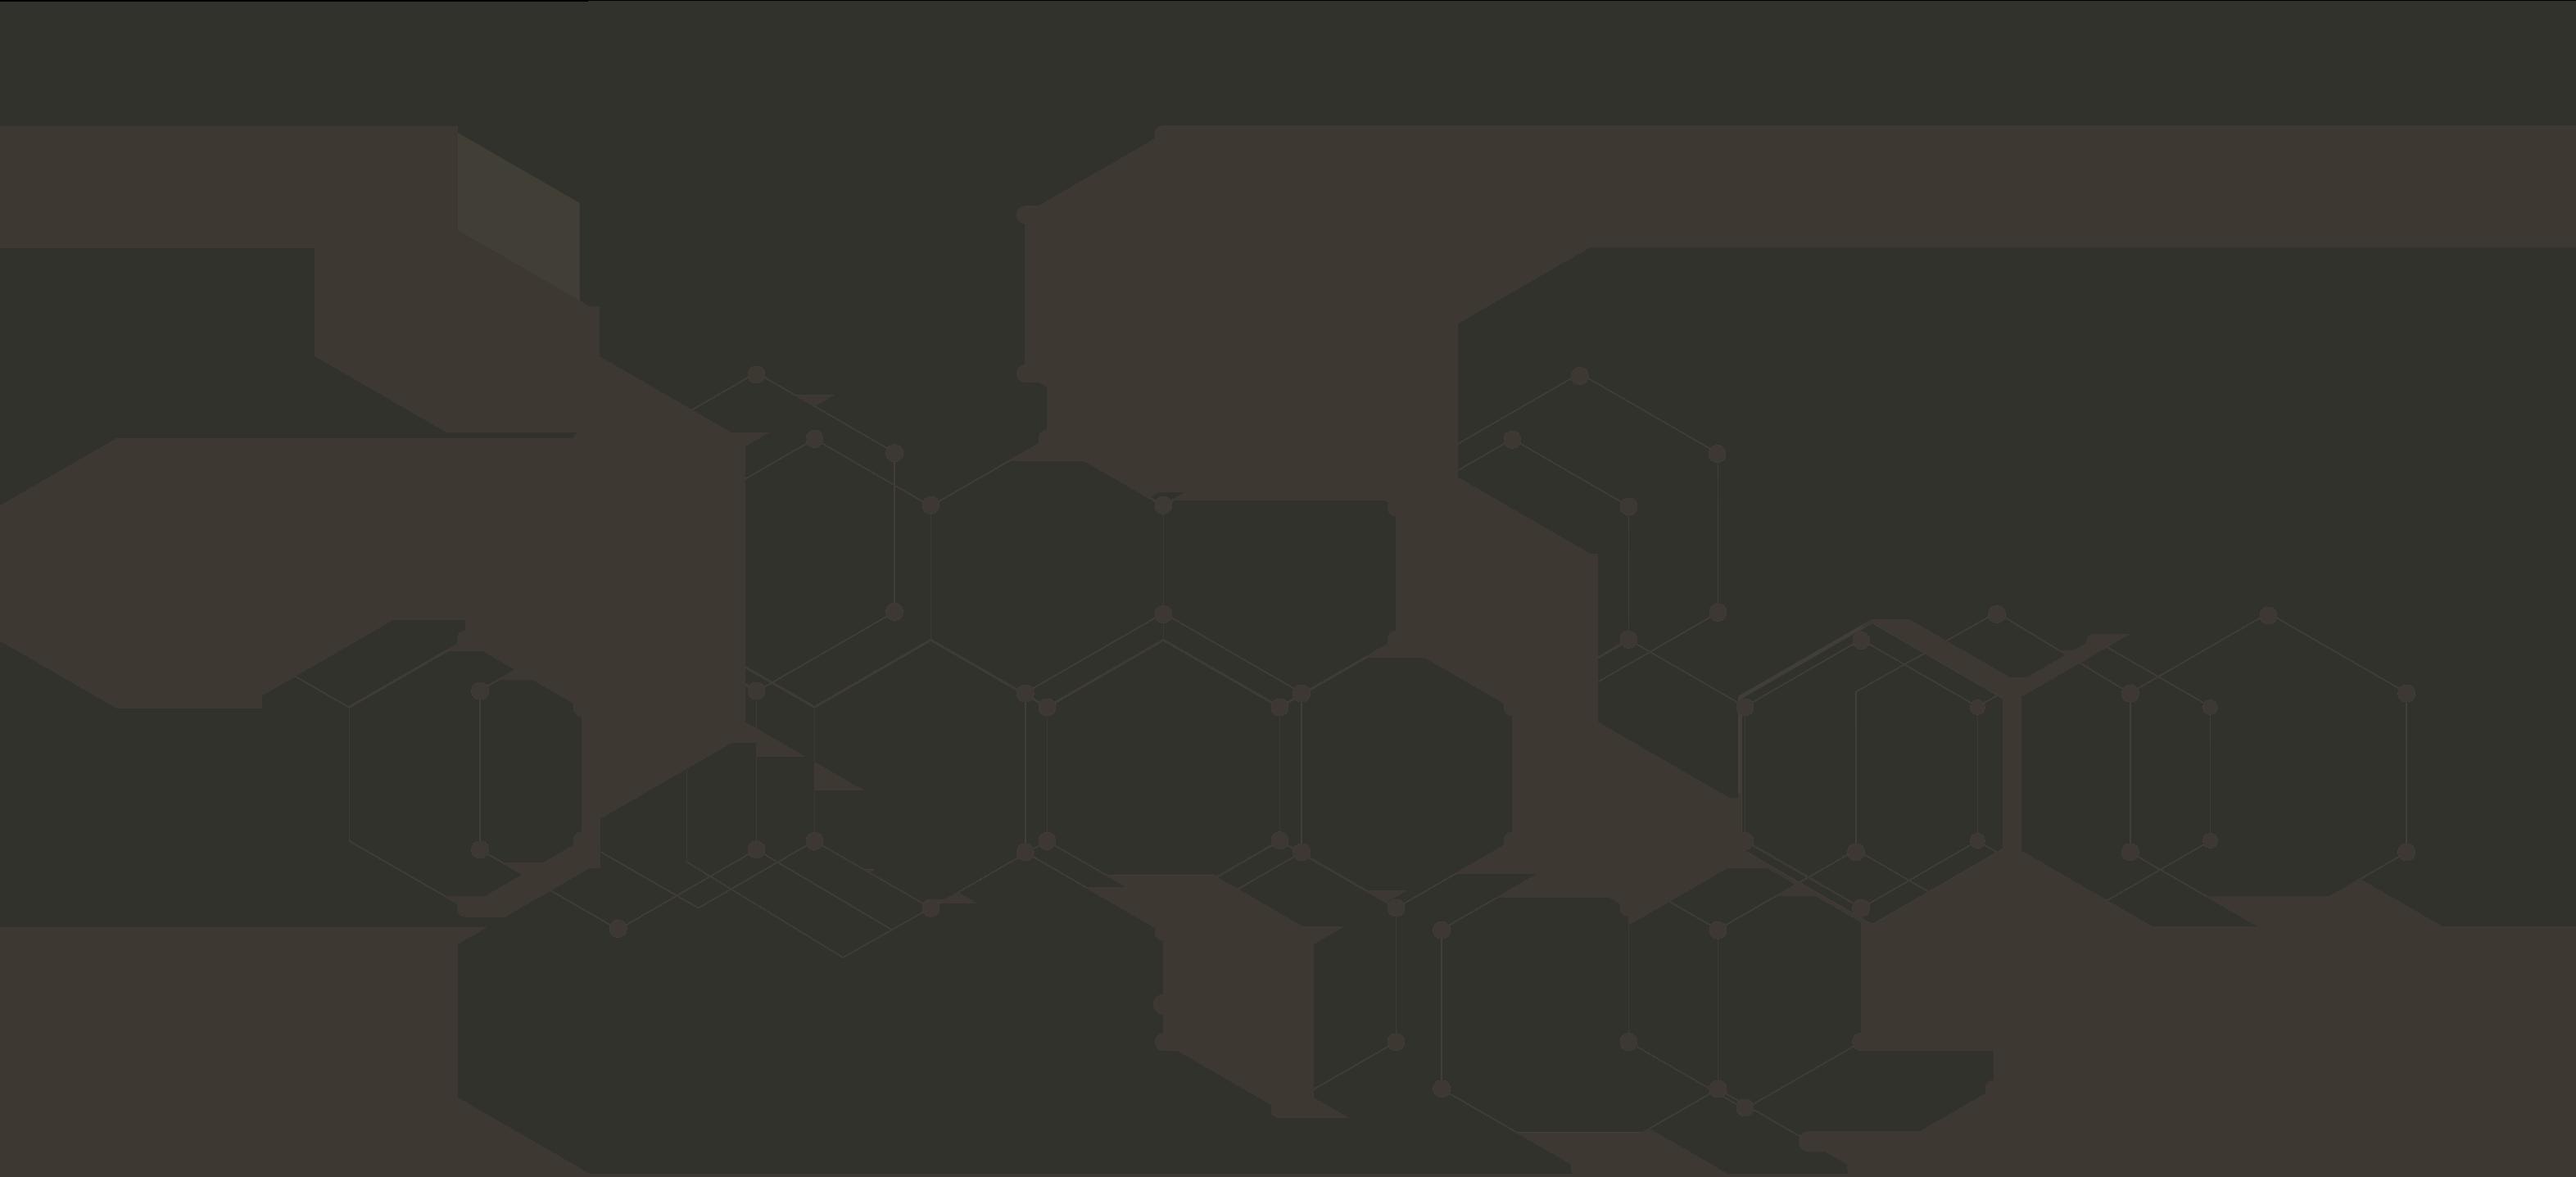 CI-Waben-etelligent-ohne-Hintergrund-grau-mirrored